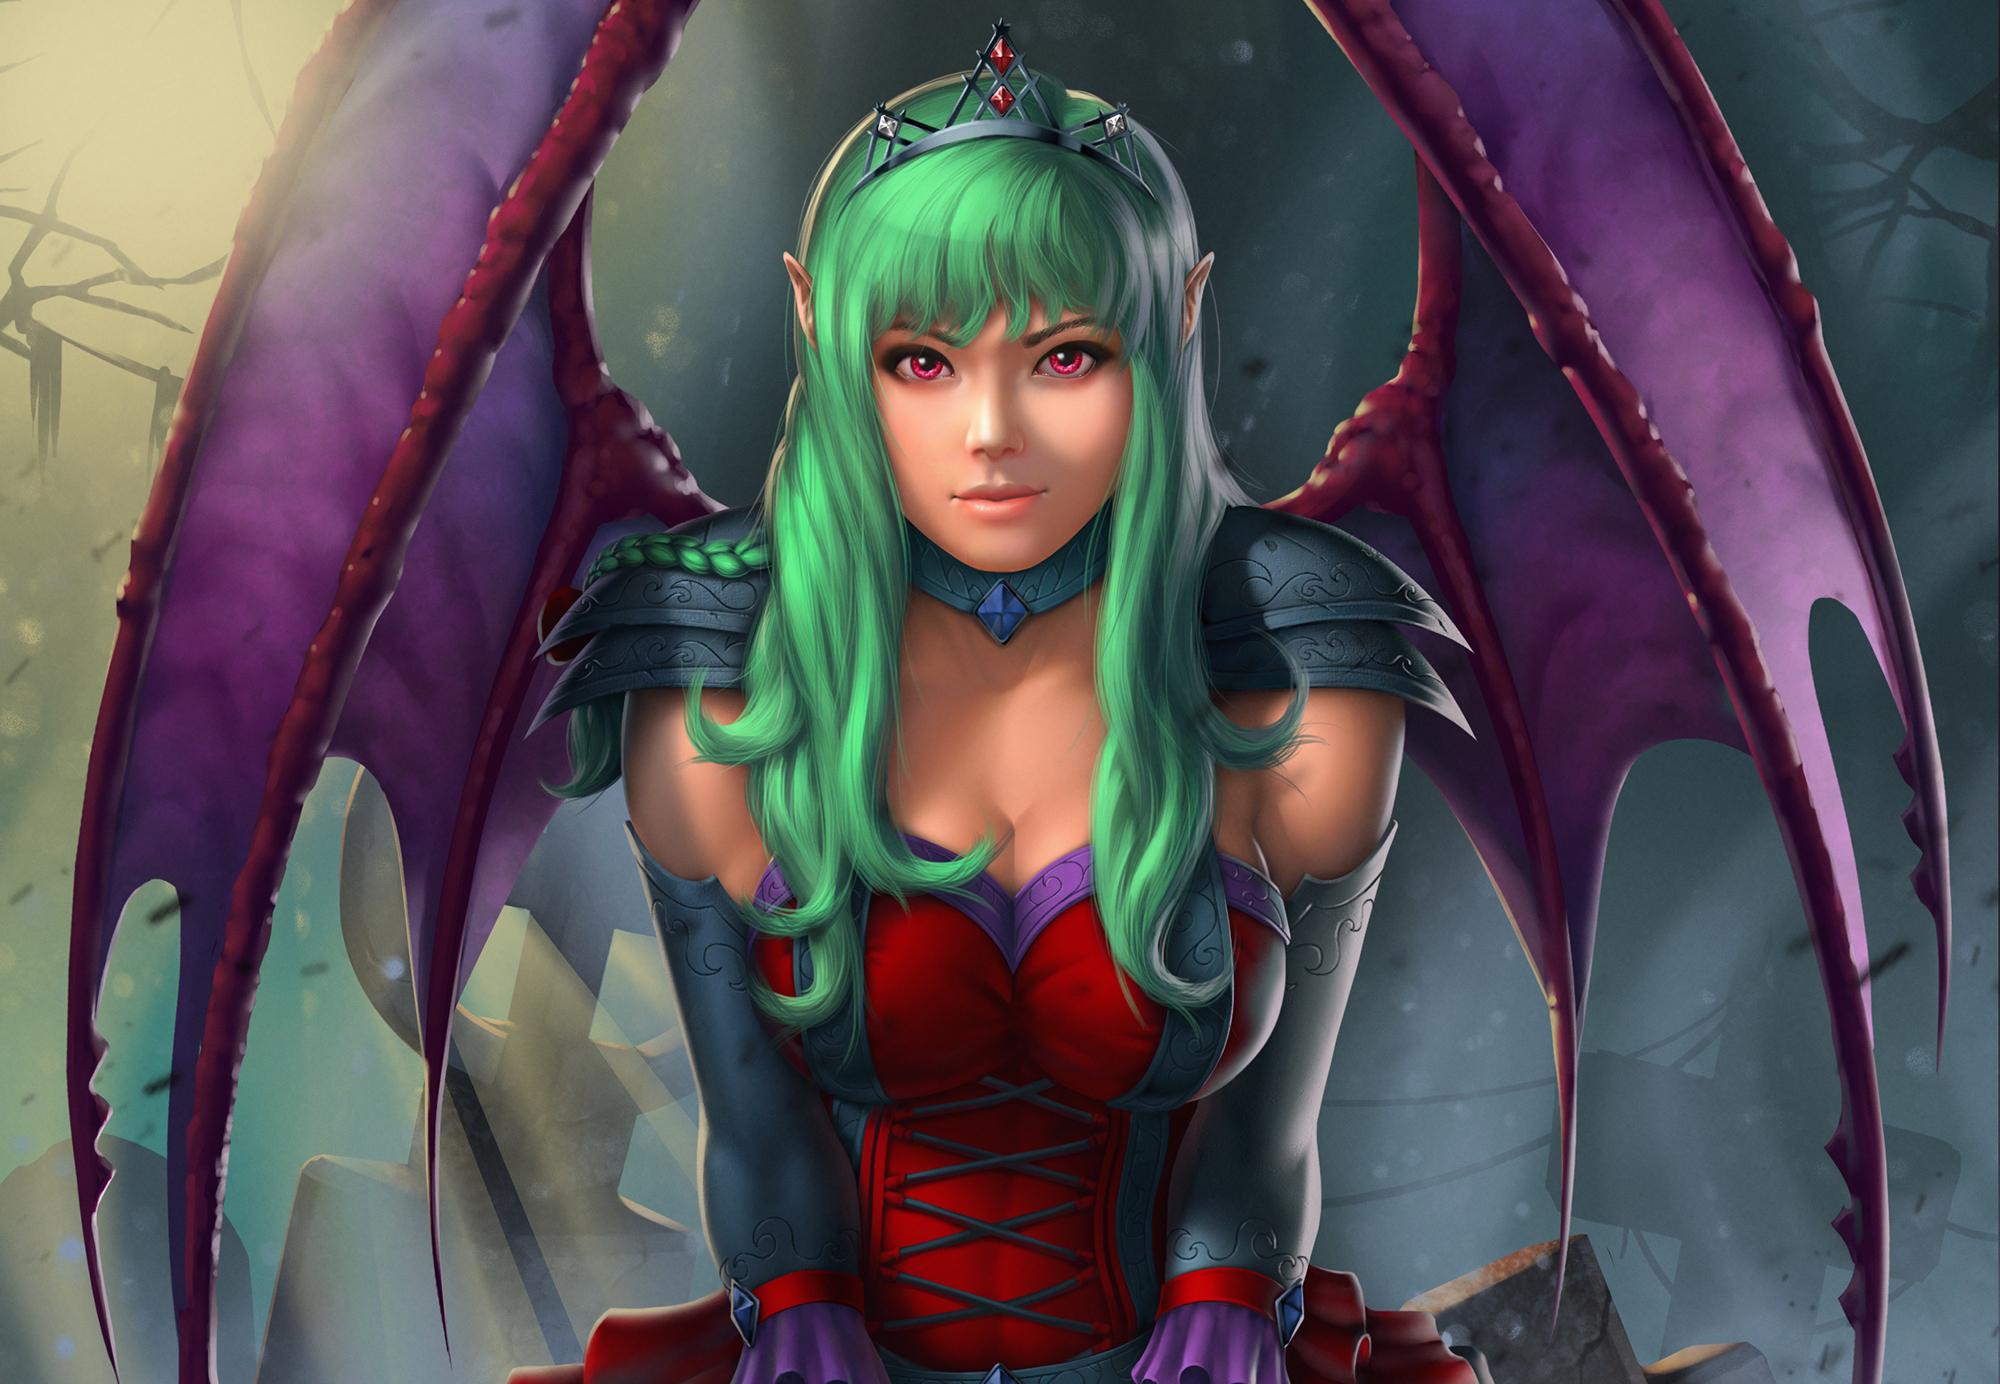 fantasy-demon-girl-po